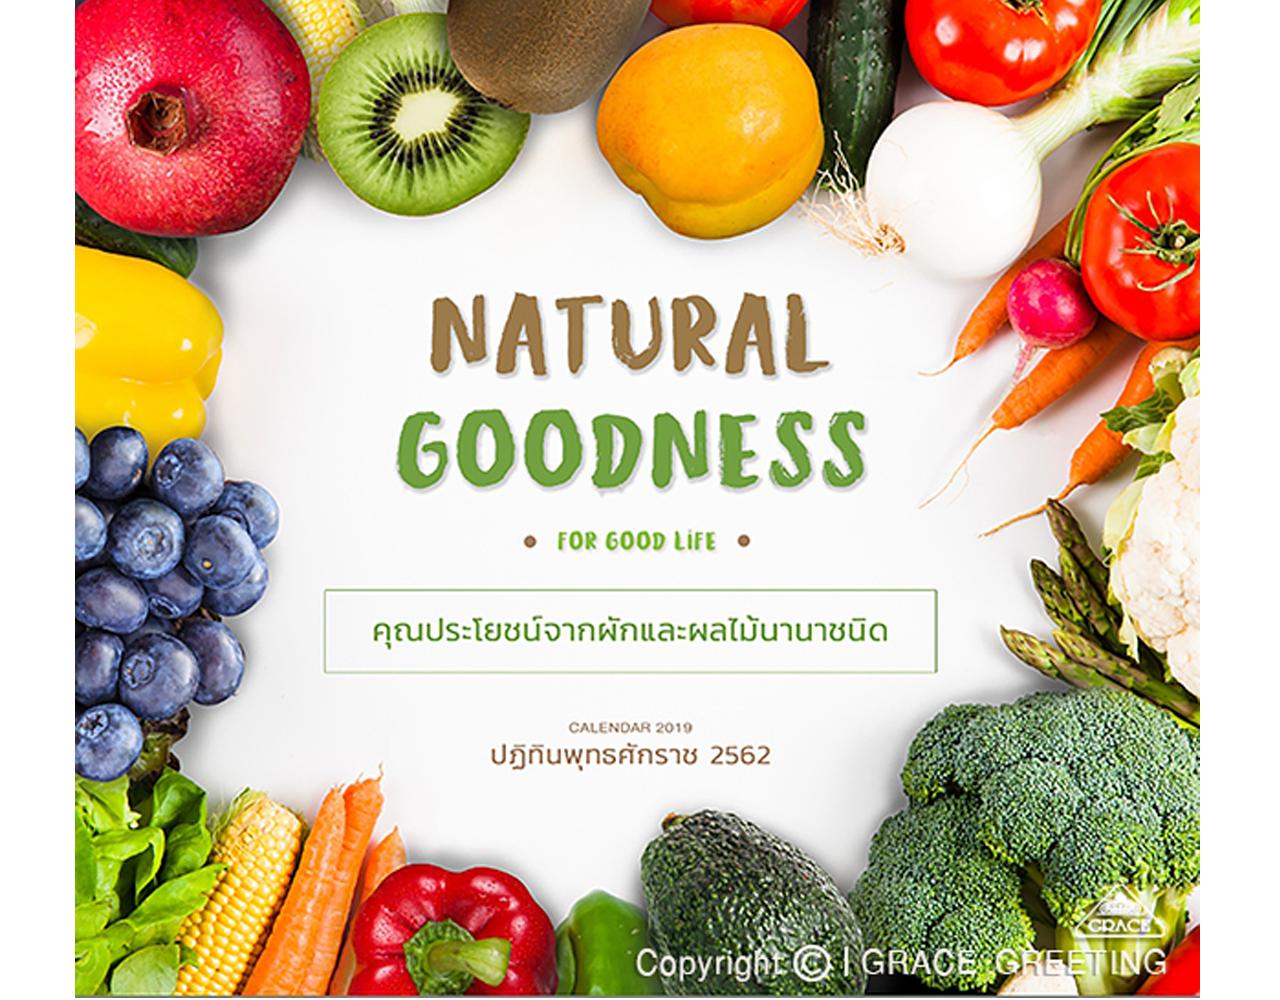 ปฏิทินตั้งโต๊ะ ปี 2562 CT.6208 Natural Goodness Cover